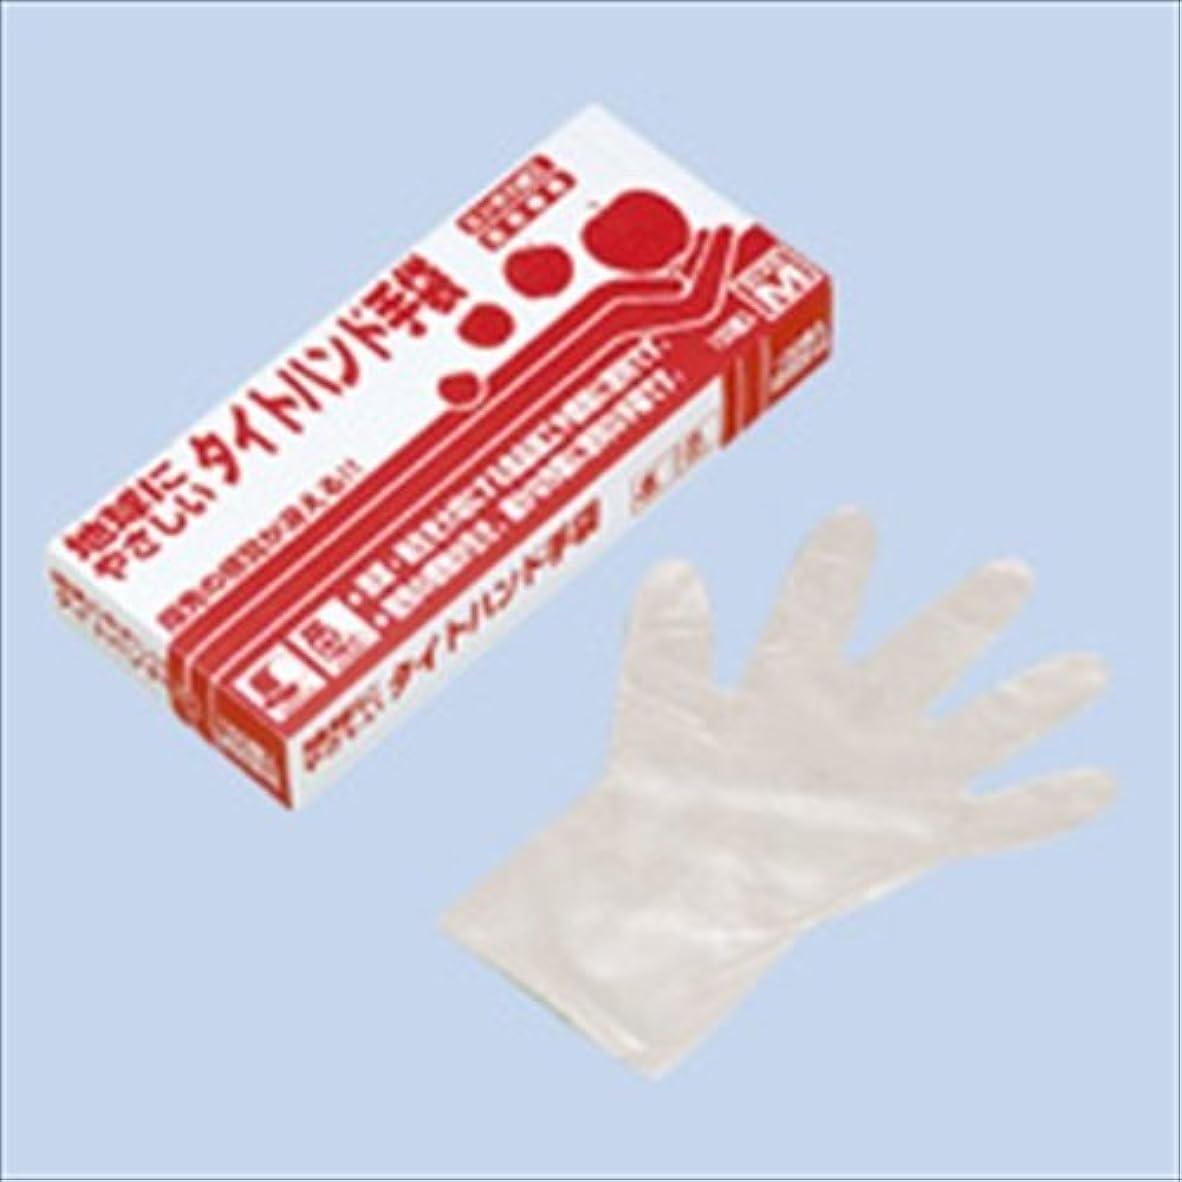 偉業ペルセウスファンドシンガータイトハンド手袋 箱入(100枚入)L クリア 49μ